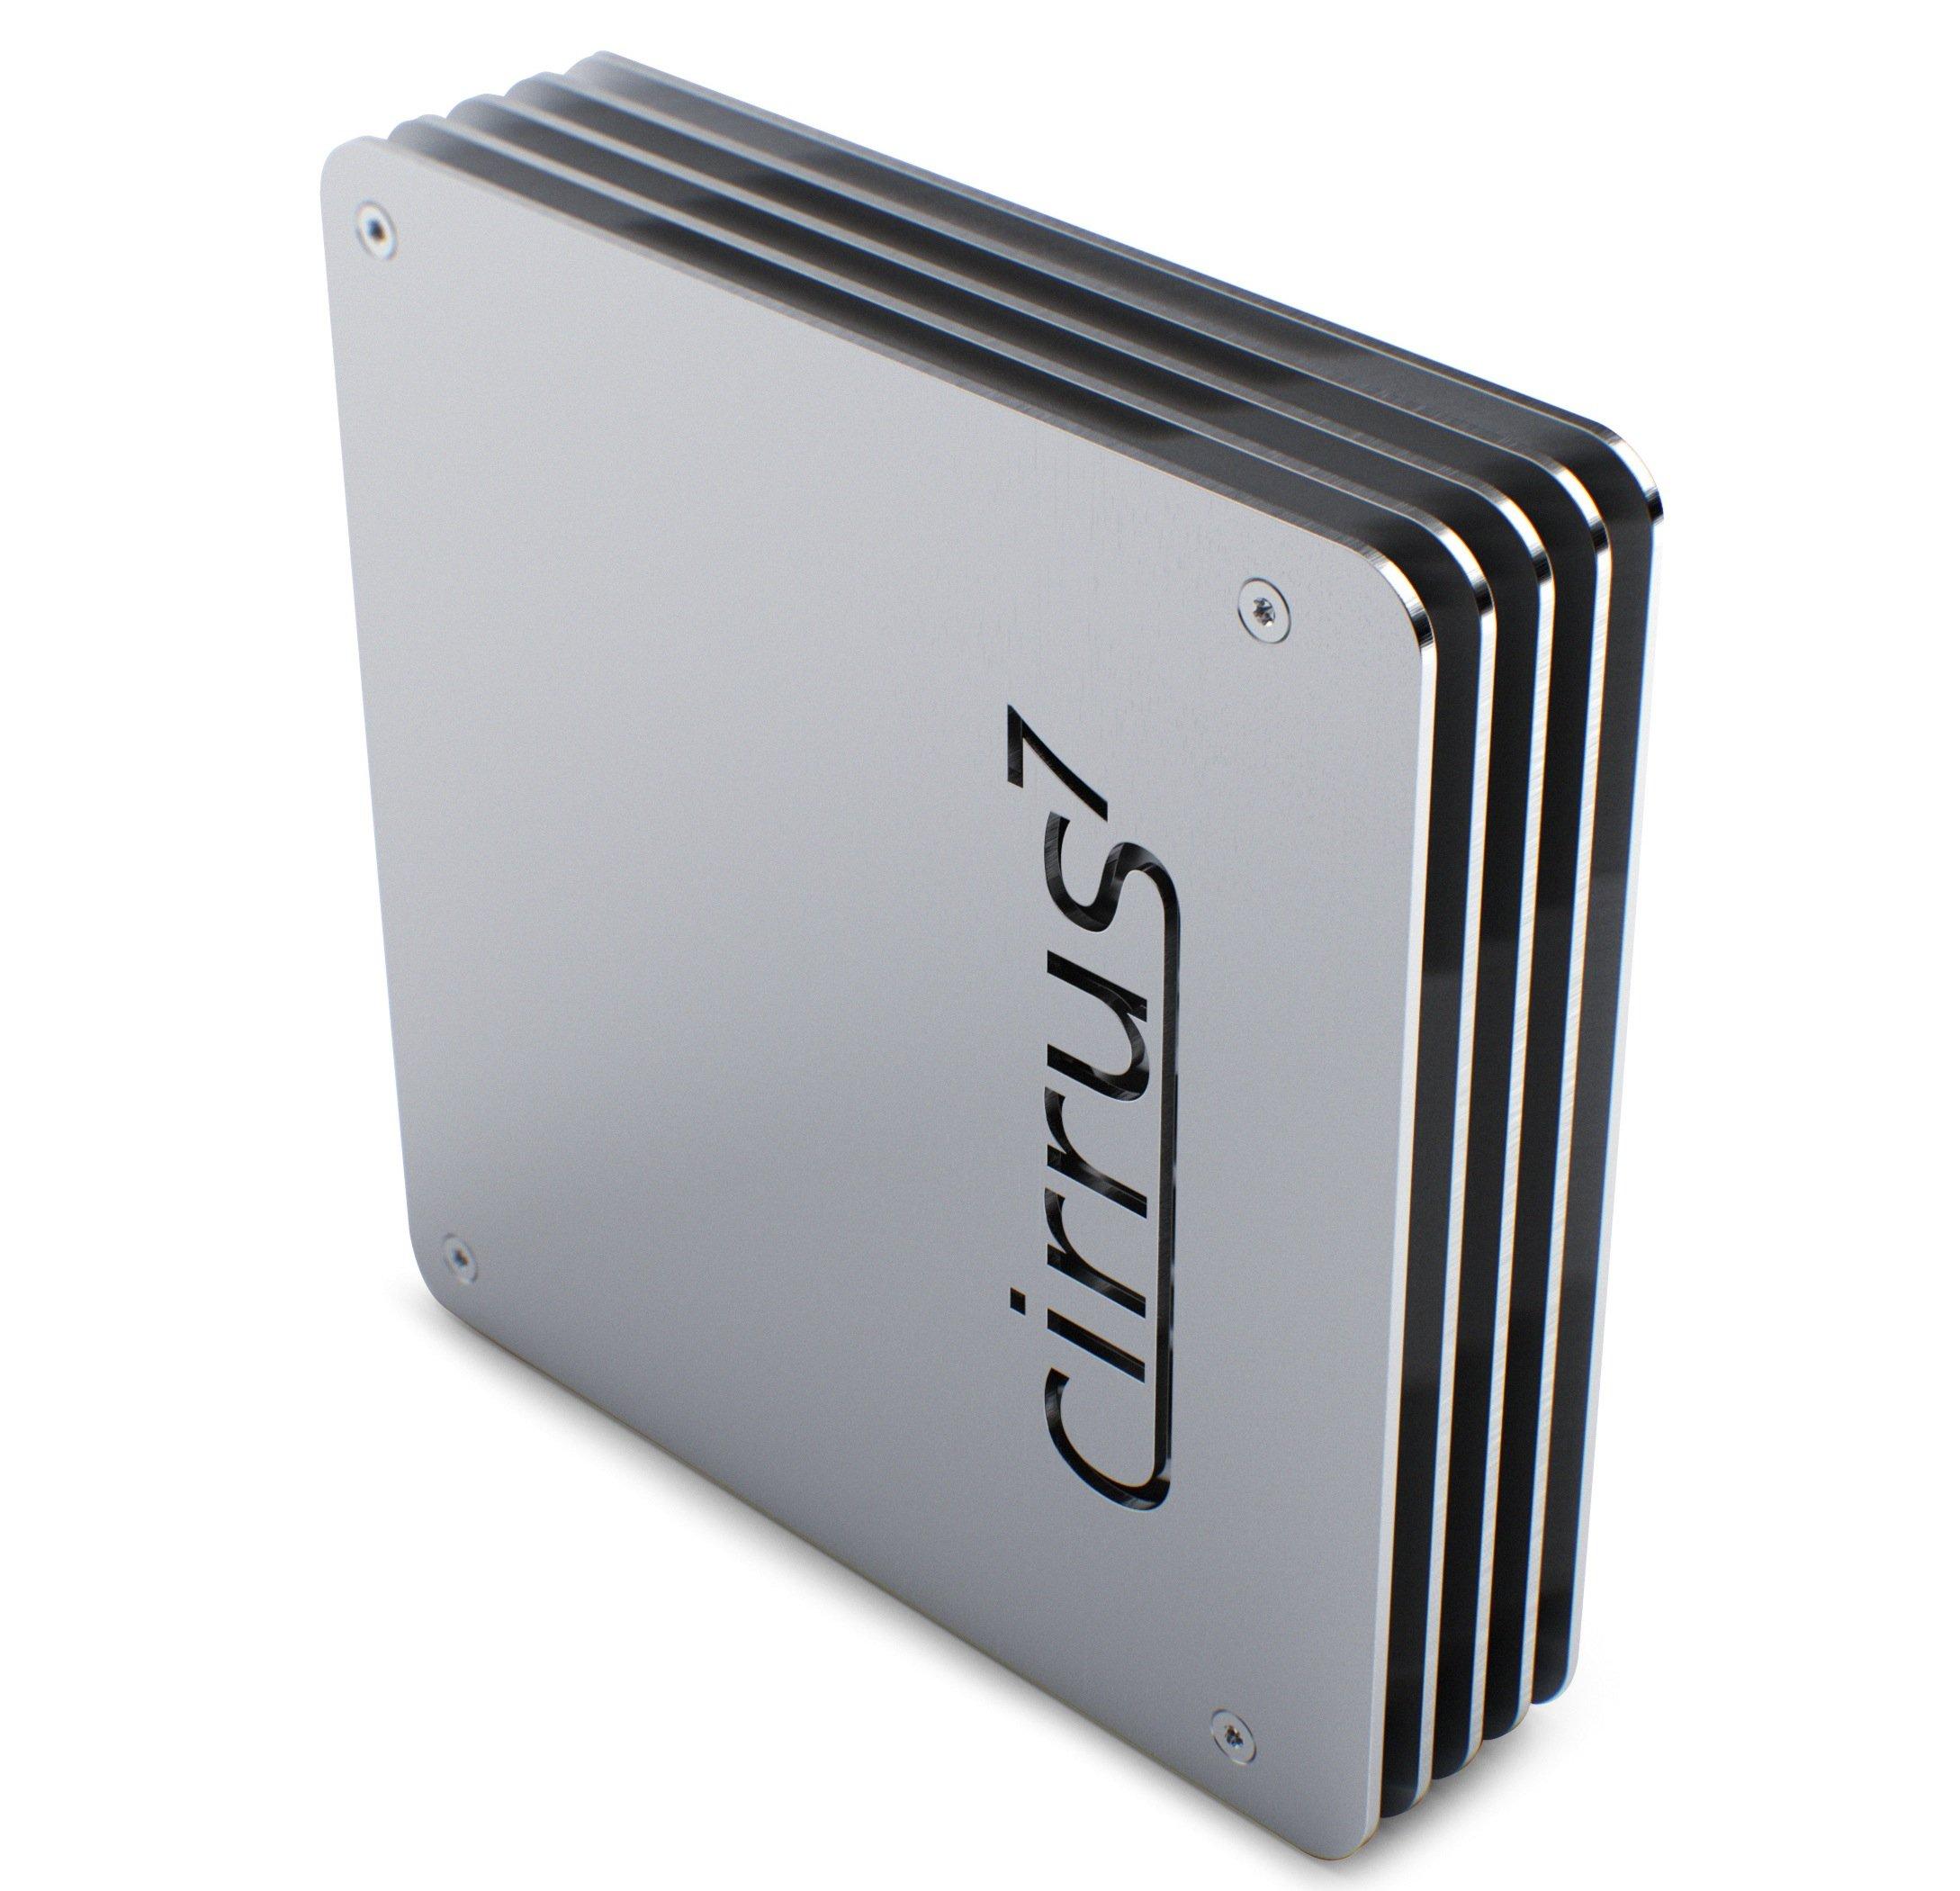 """So können Computer auch aussehen: Der""""cirrus7 nimbus"""" ist ein passiv gekühlter Mini-PC des deutschen Herstellers cirrus7 computing und dabei besonders schön gestaltet. Er besitzt weder Lüfter noch andere bewegliche Teile und ist im Betrieb völlig lautlos. Er besteht aus verschiedenen Schichten lasergeschnittenen Aluminiums. Das Gehäuse dienst zugleich als Kühlkörper, das die Abwärme moderner Multi-Core-CPUs effektiv abführt."""